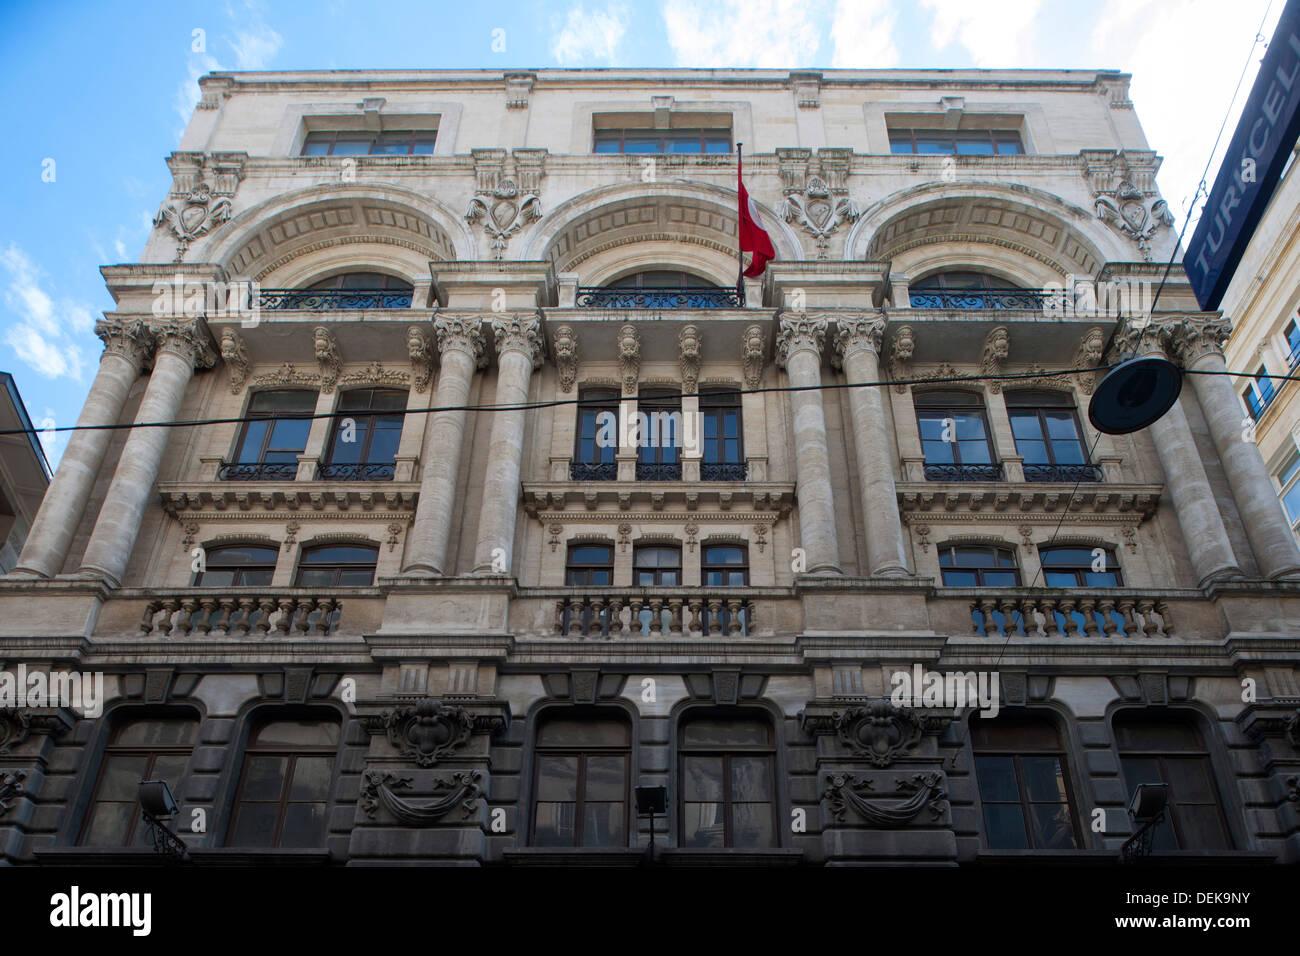 Istanbul, Galata, Bankalar Caddesi 1035, Sitz des italienischen Versicherungskonzerns Assicurazioni Generali - Stock Image